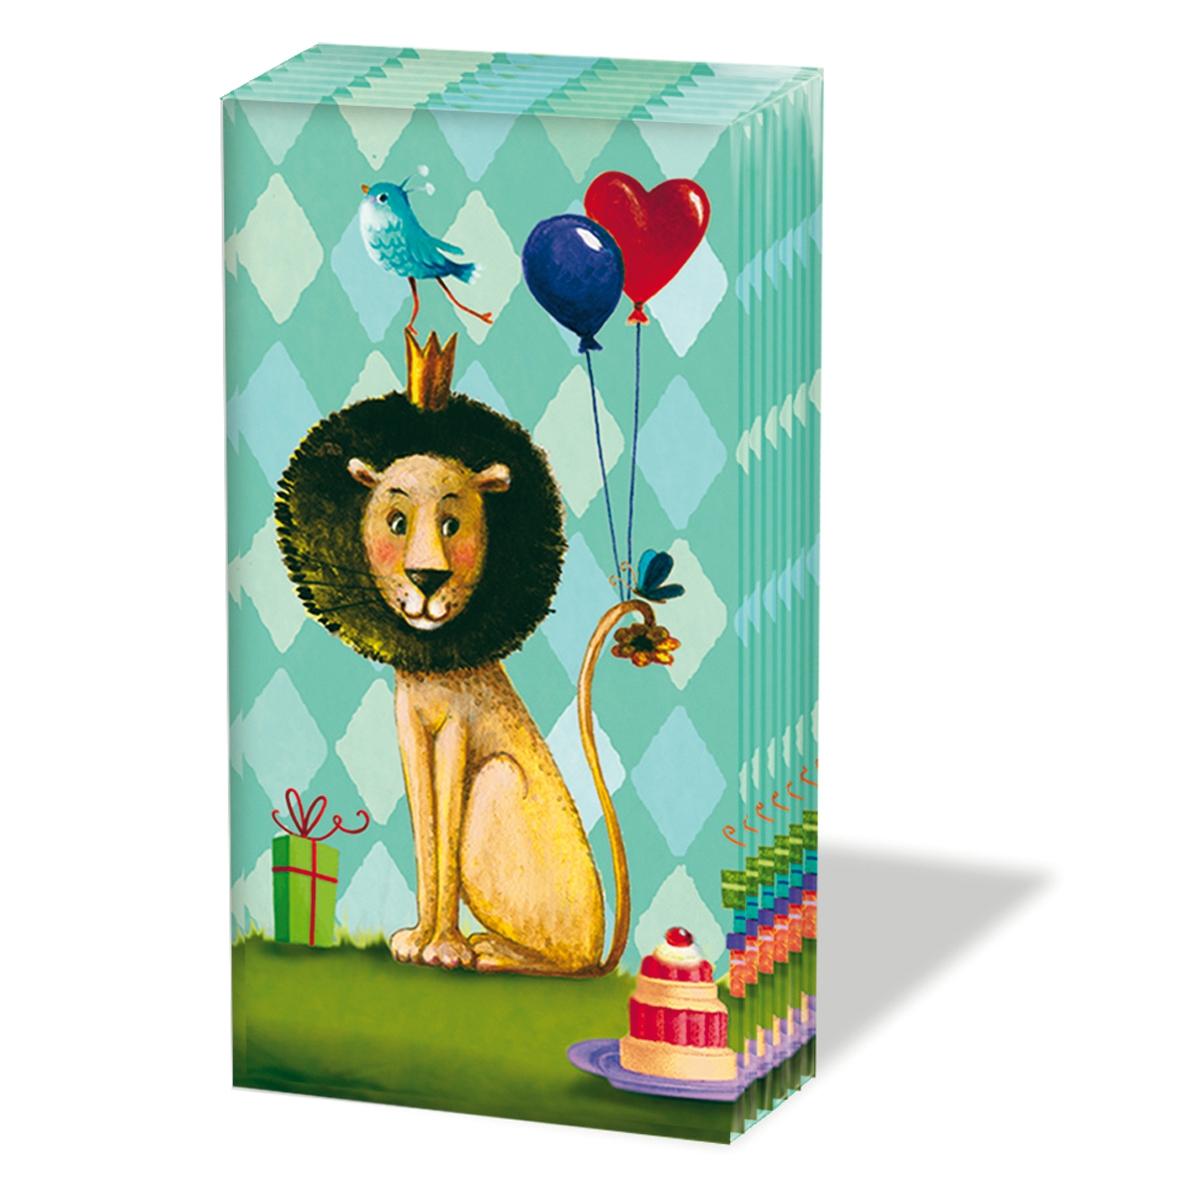 Paperproducts Design,  Tiere,  Everyday,  bedruckte papiertaschentücher,  Löwen,  Vögel,  Luftballon